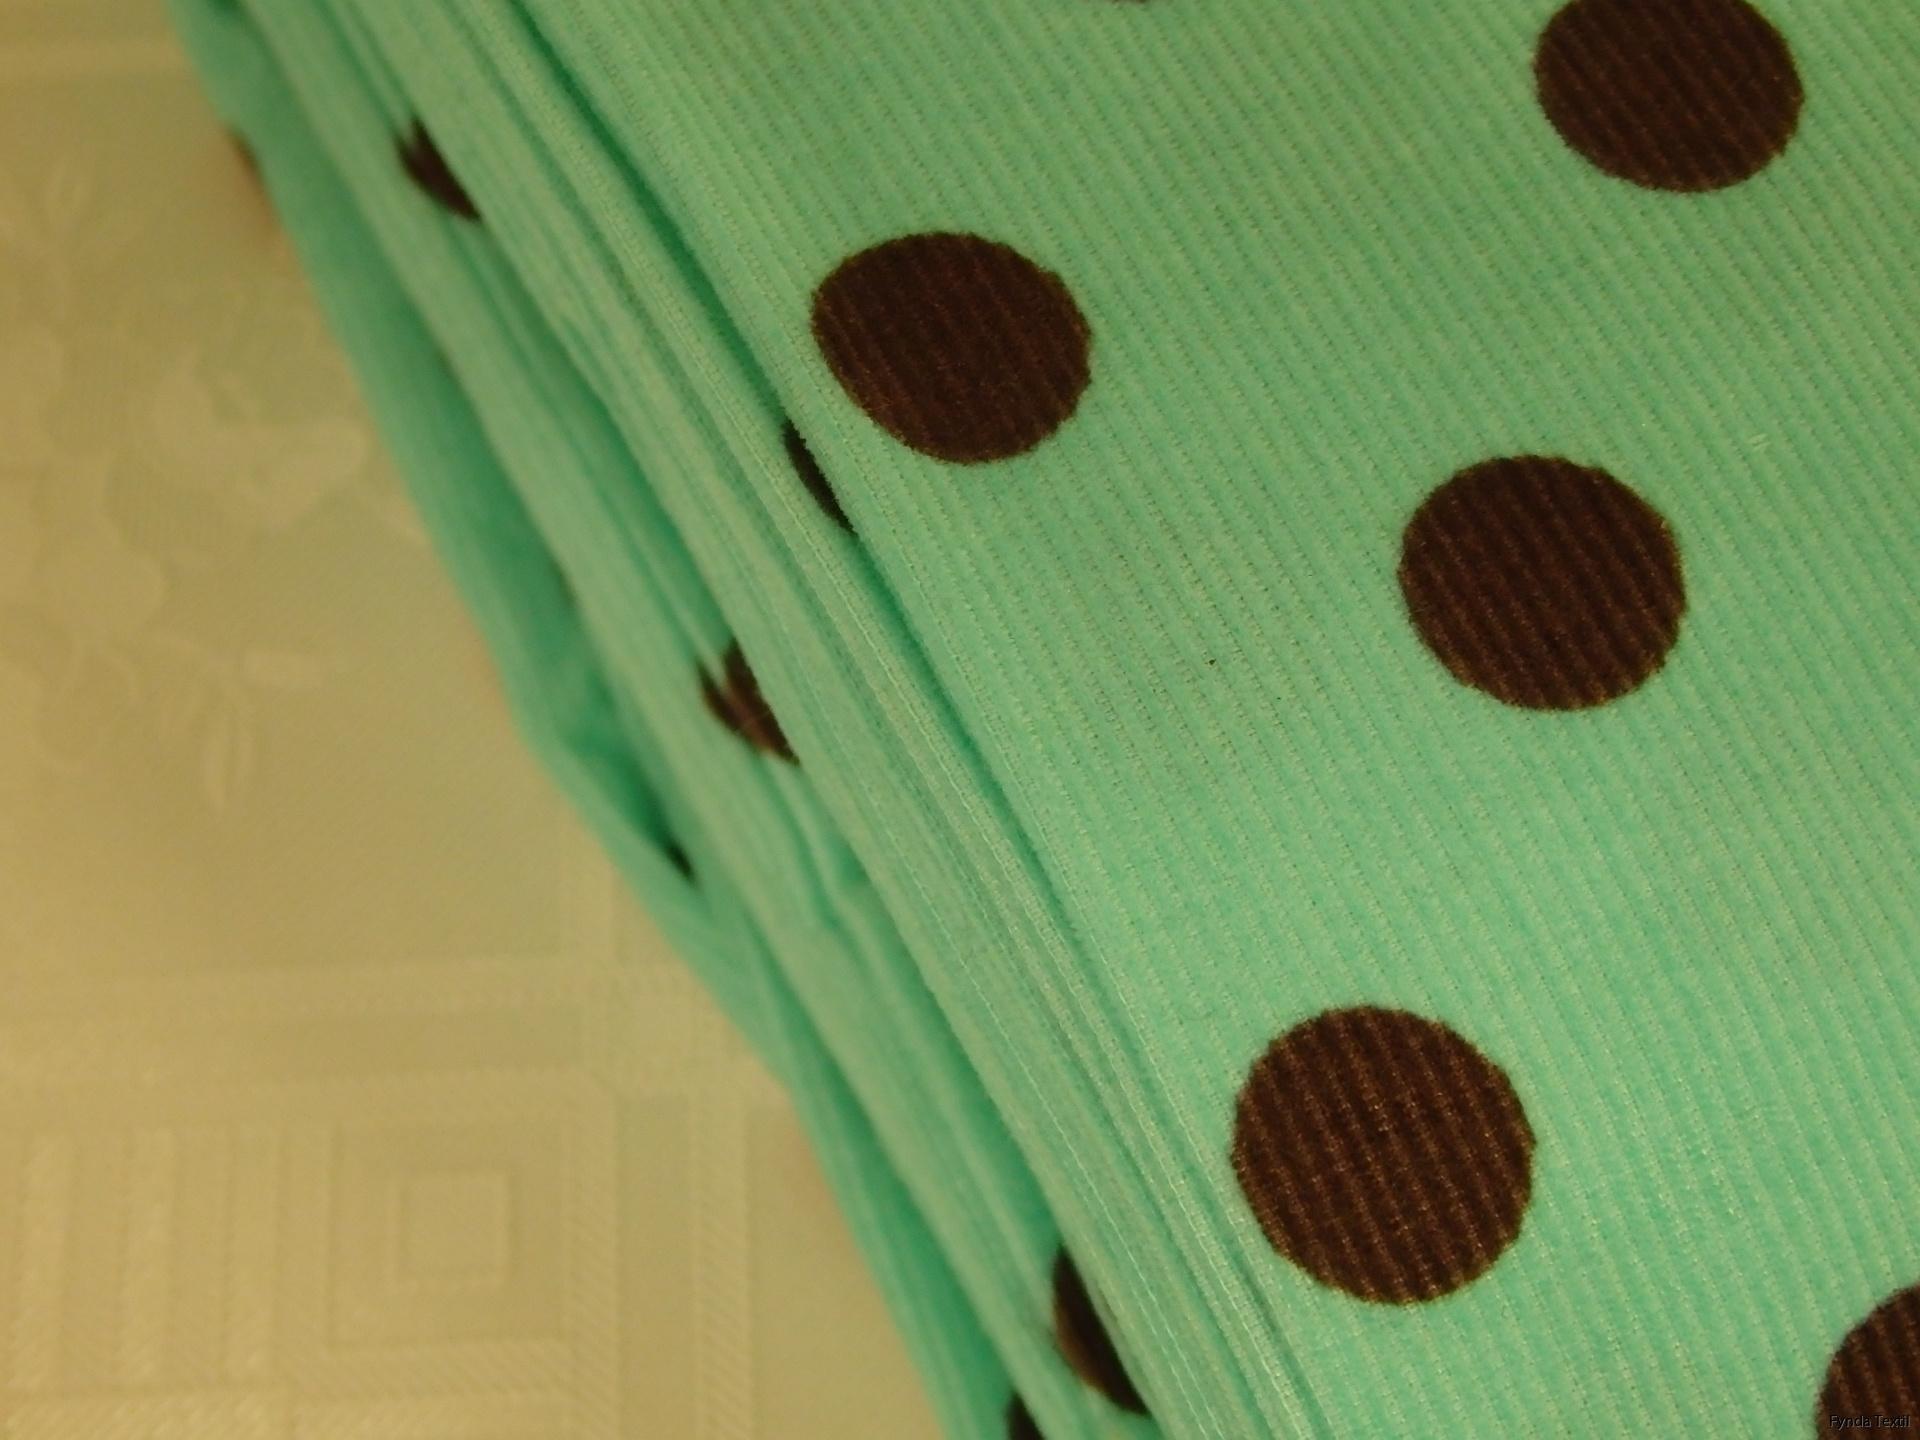 Chokladbrun prick på mintgrön botten